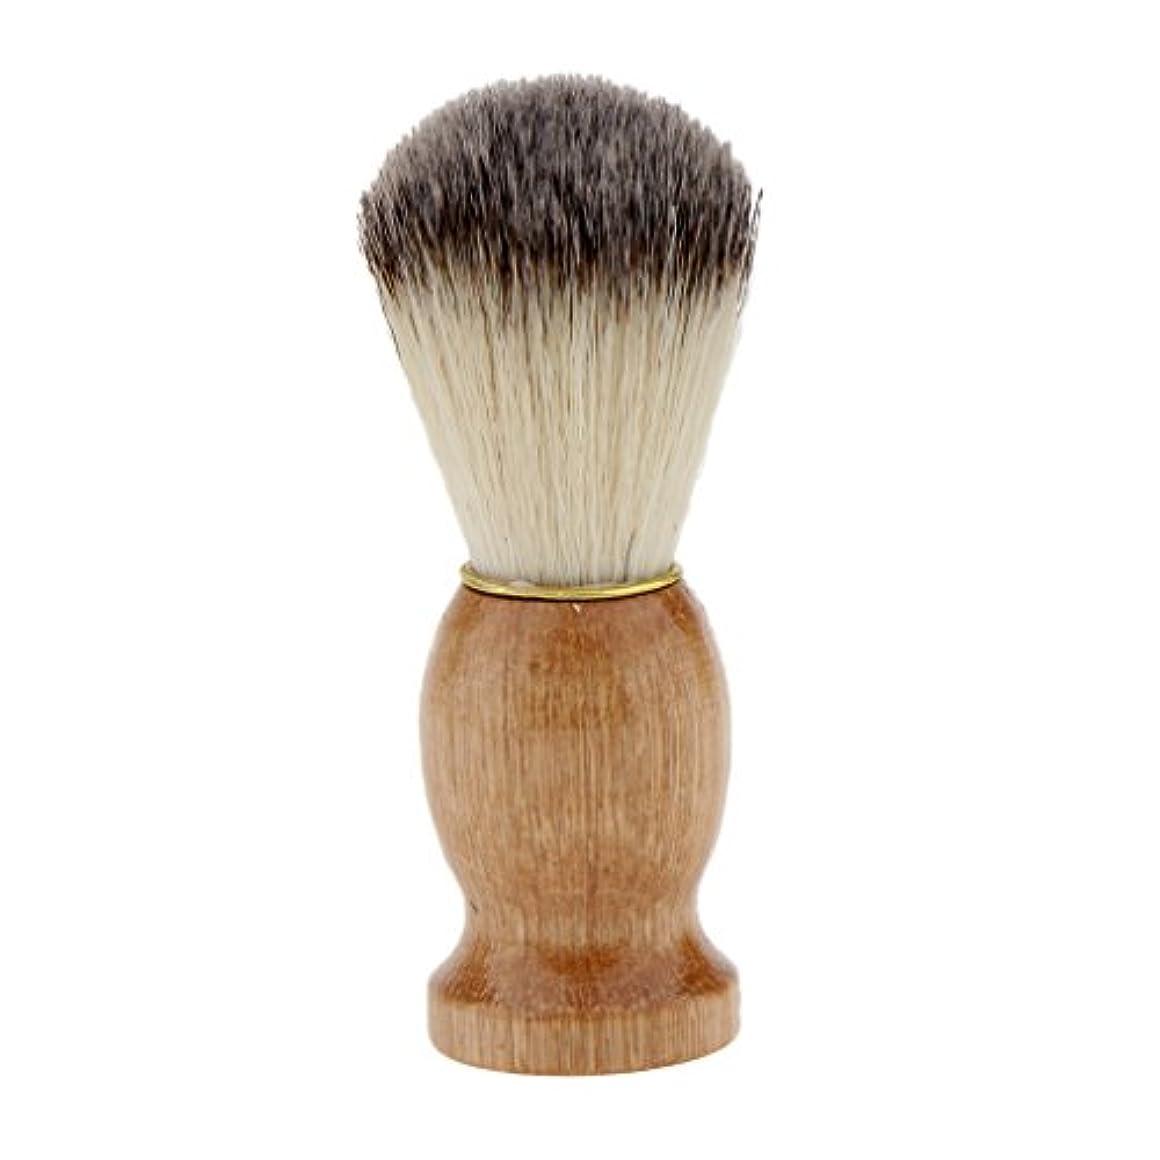 取り消す細断祖父母を訪問Baosity シェービングブラシ ひげ剃りブラシ 洗顔 コスメブラシ 木製ハンドル メンズ 高品質 プレゼント